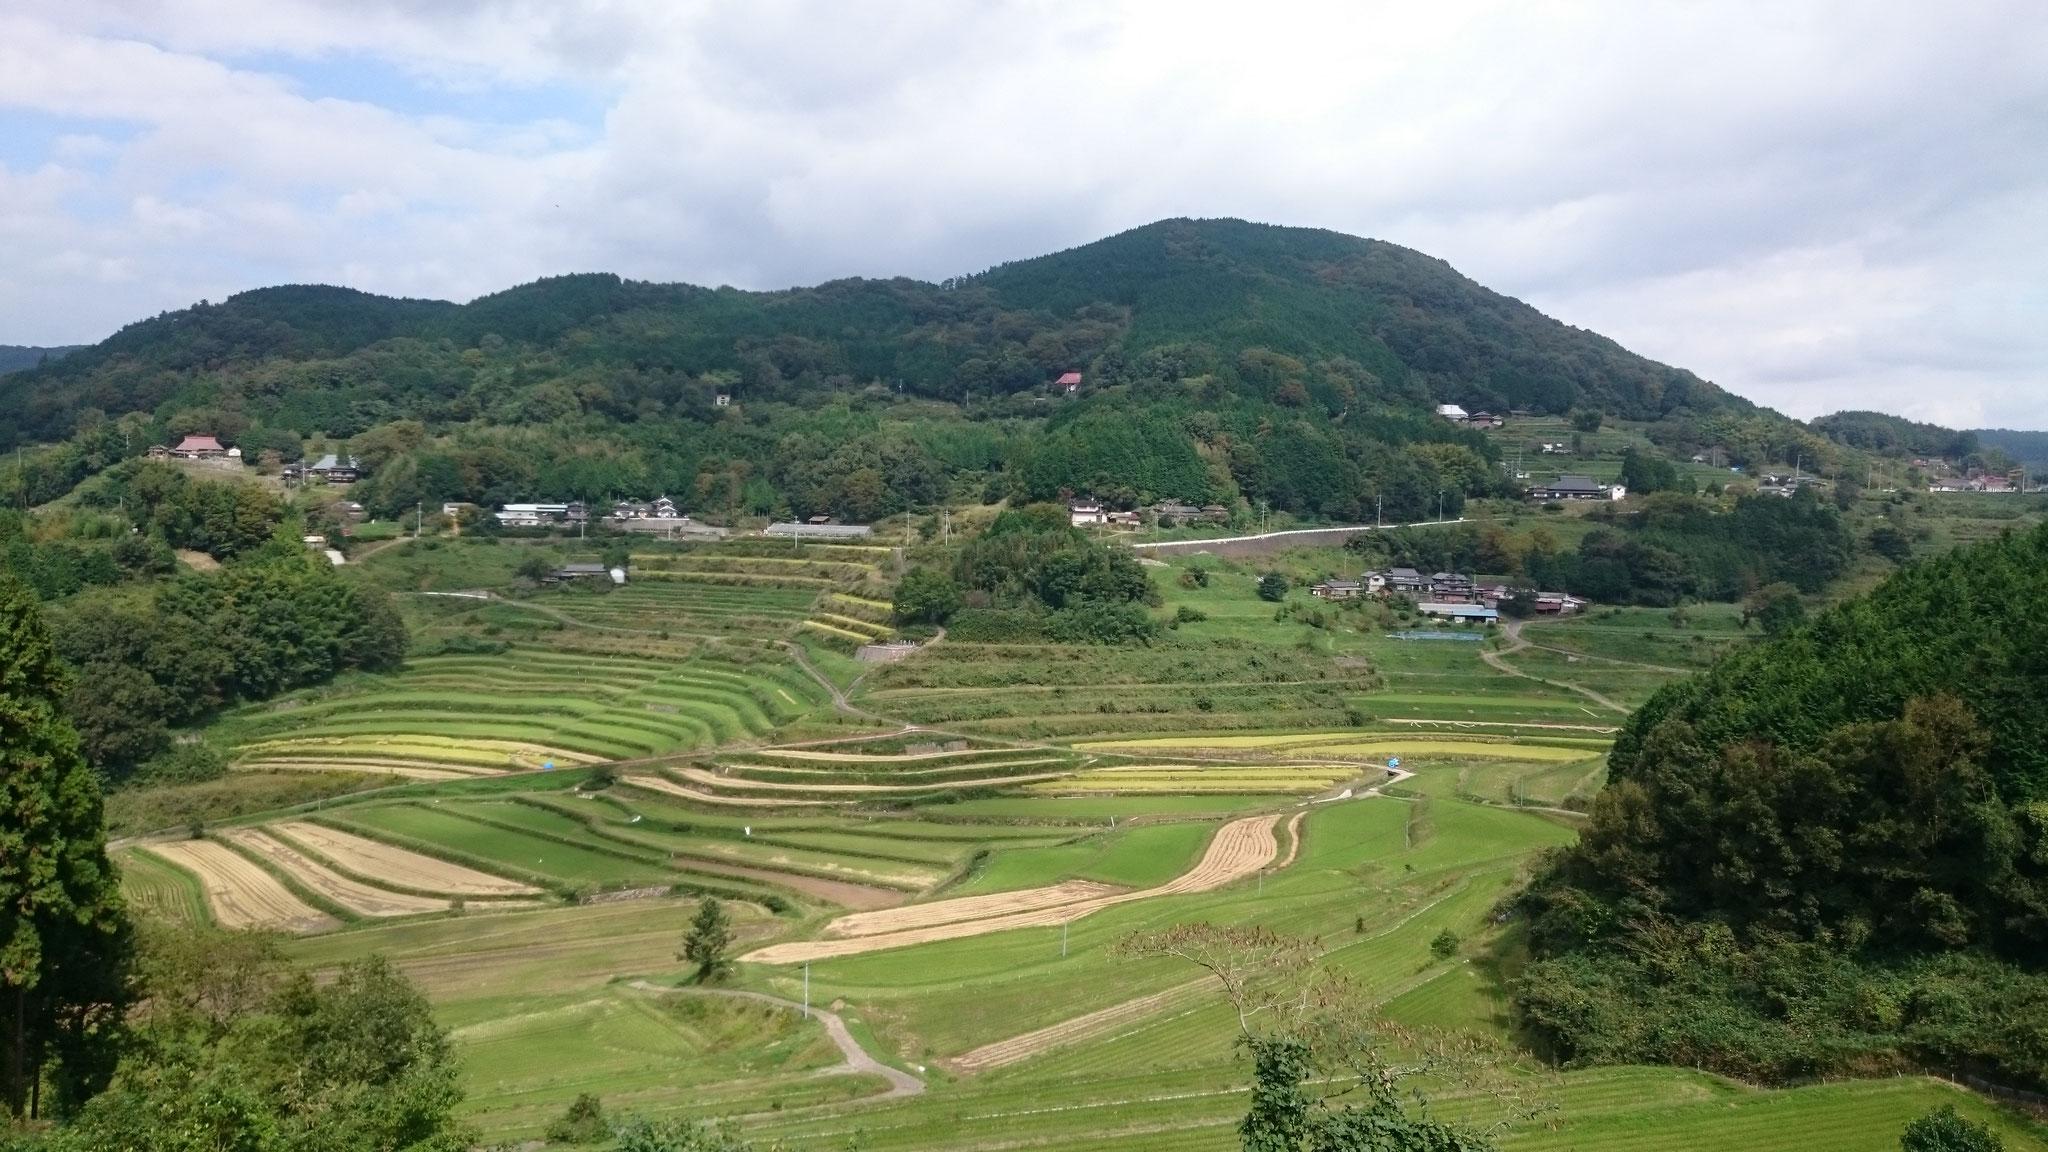 岡山県、旧美作国久米郡で五百年近く竹内流は伝承されてきた